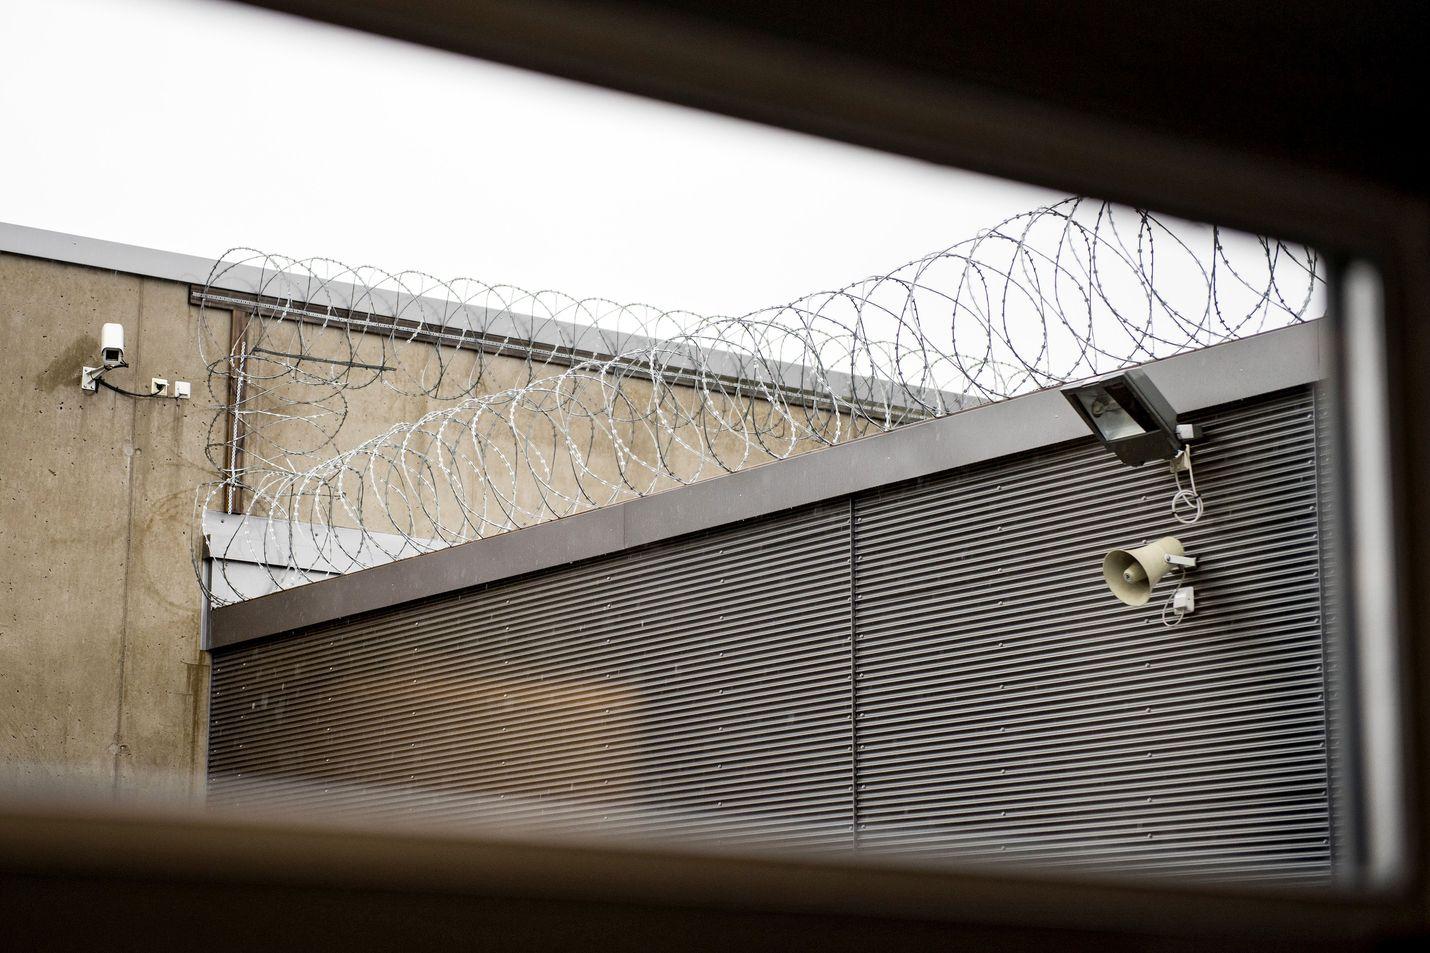 Väkivalta vankiloissa on lisääntynyt ja raaistunut viime vuosina merkittävästi.